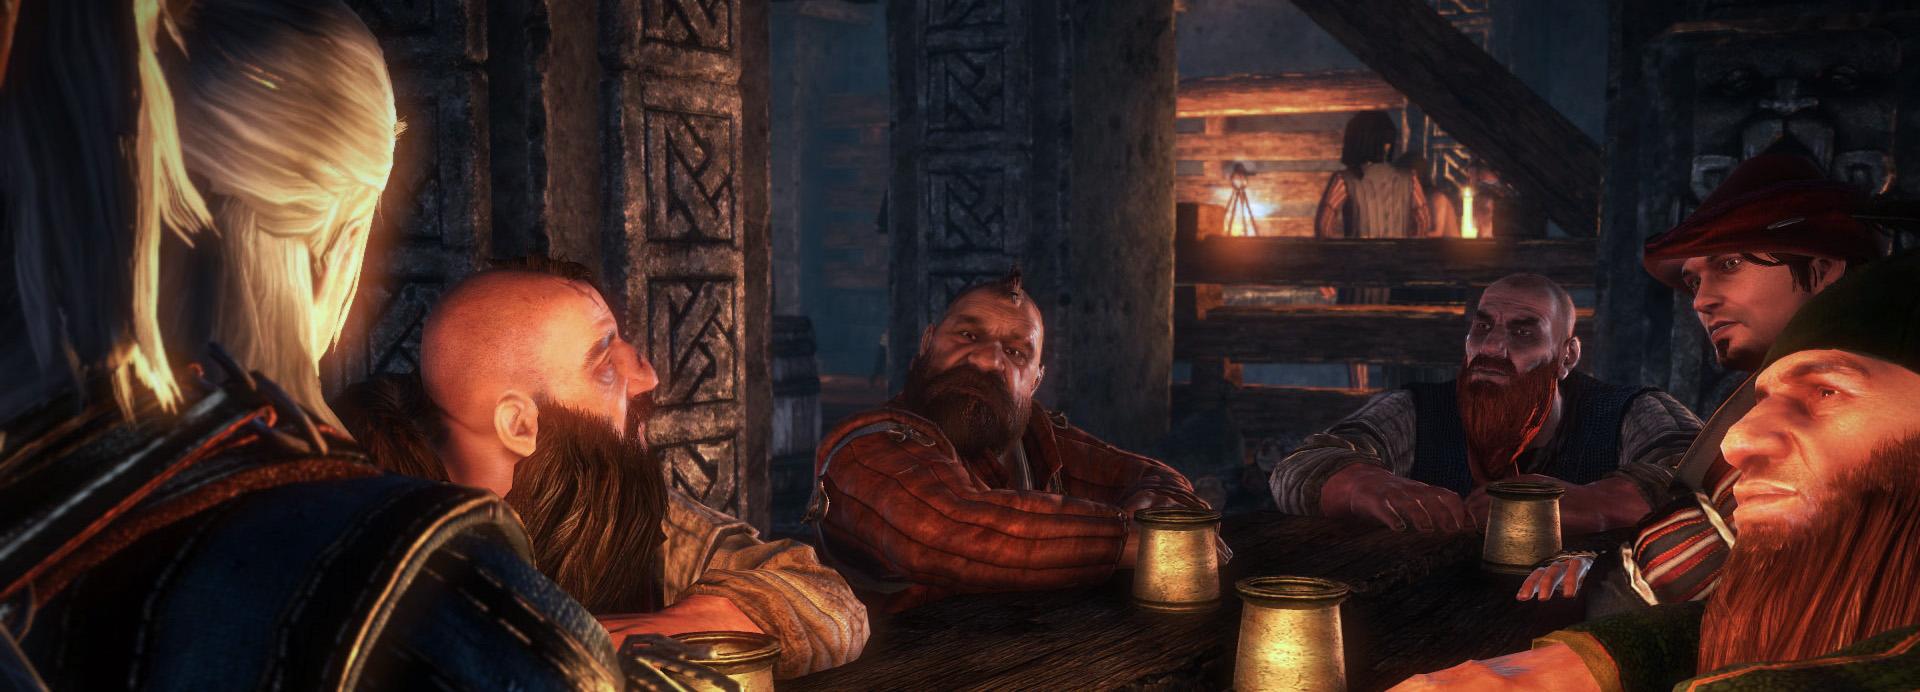 Таверна в Ведьмаке